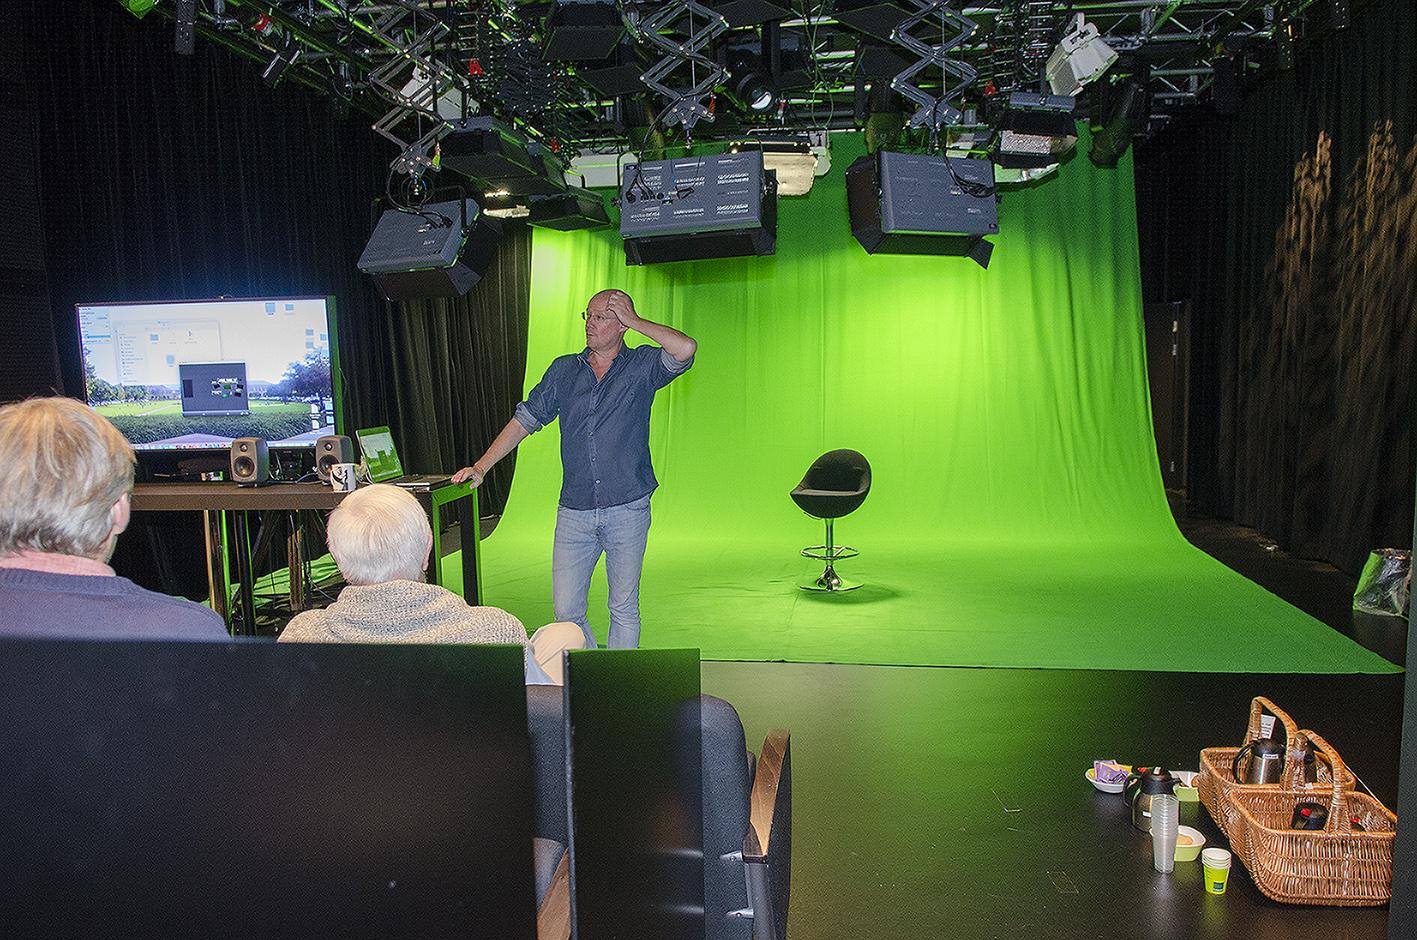 Jyskebank.tv